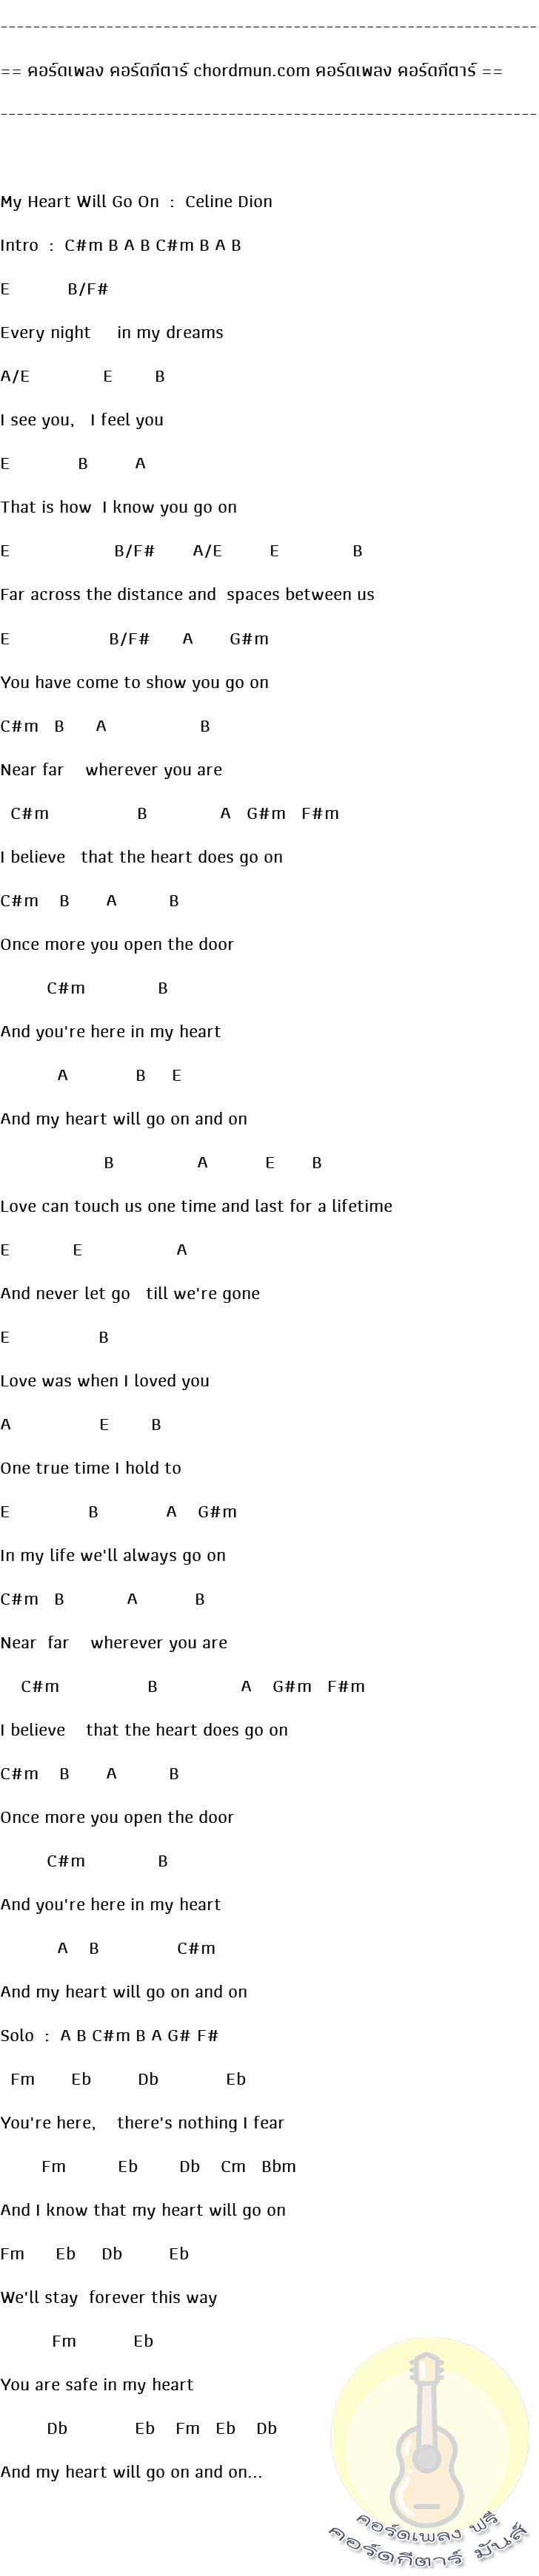 คอร์ดกีต้าร์ไฟฟ้า  เพลง My heart will go on